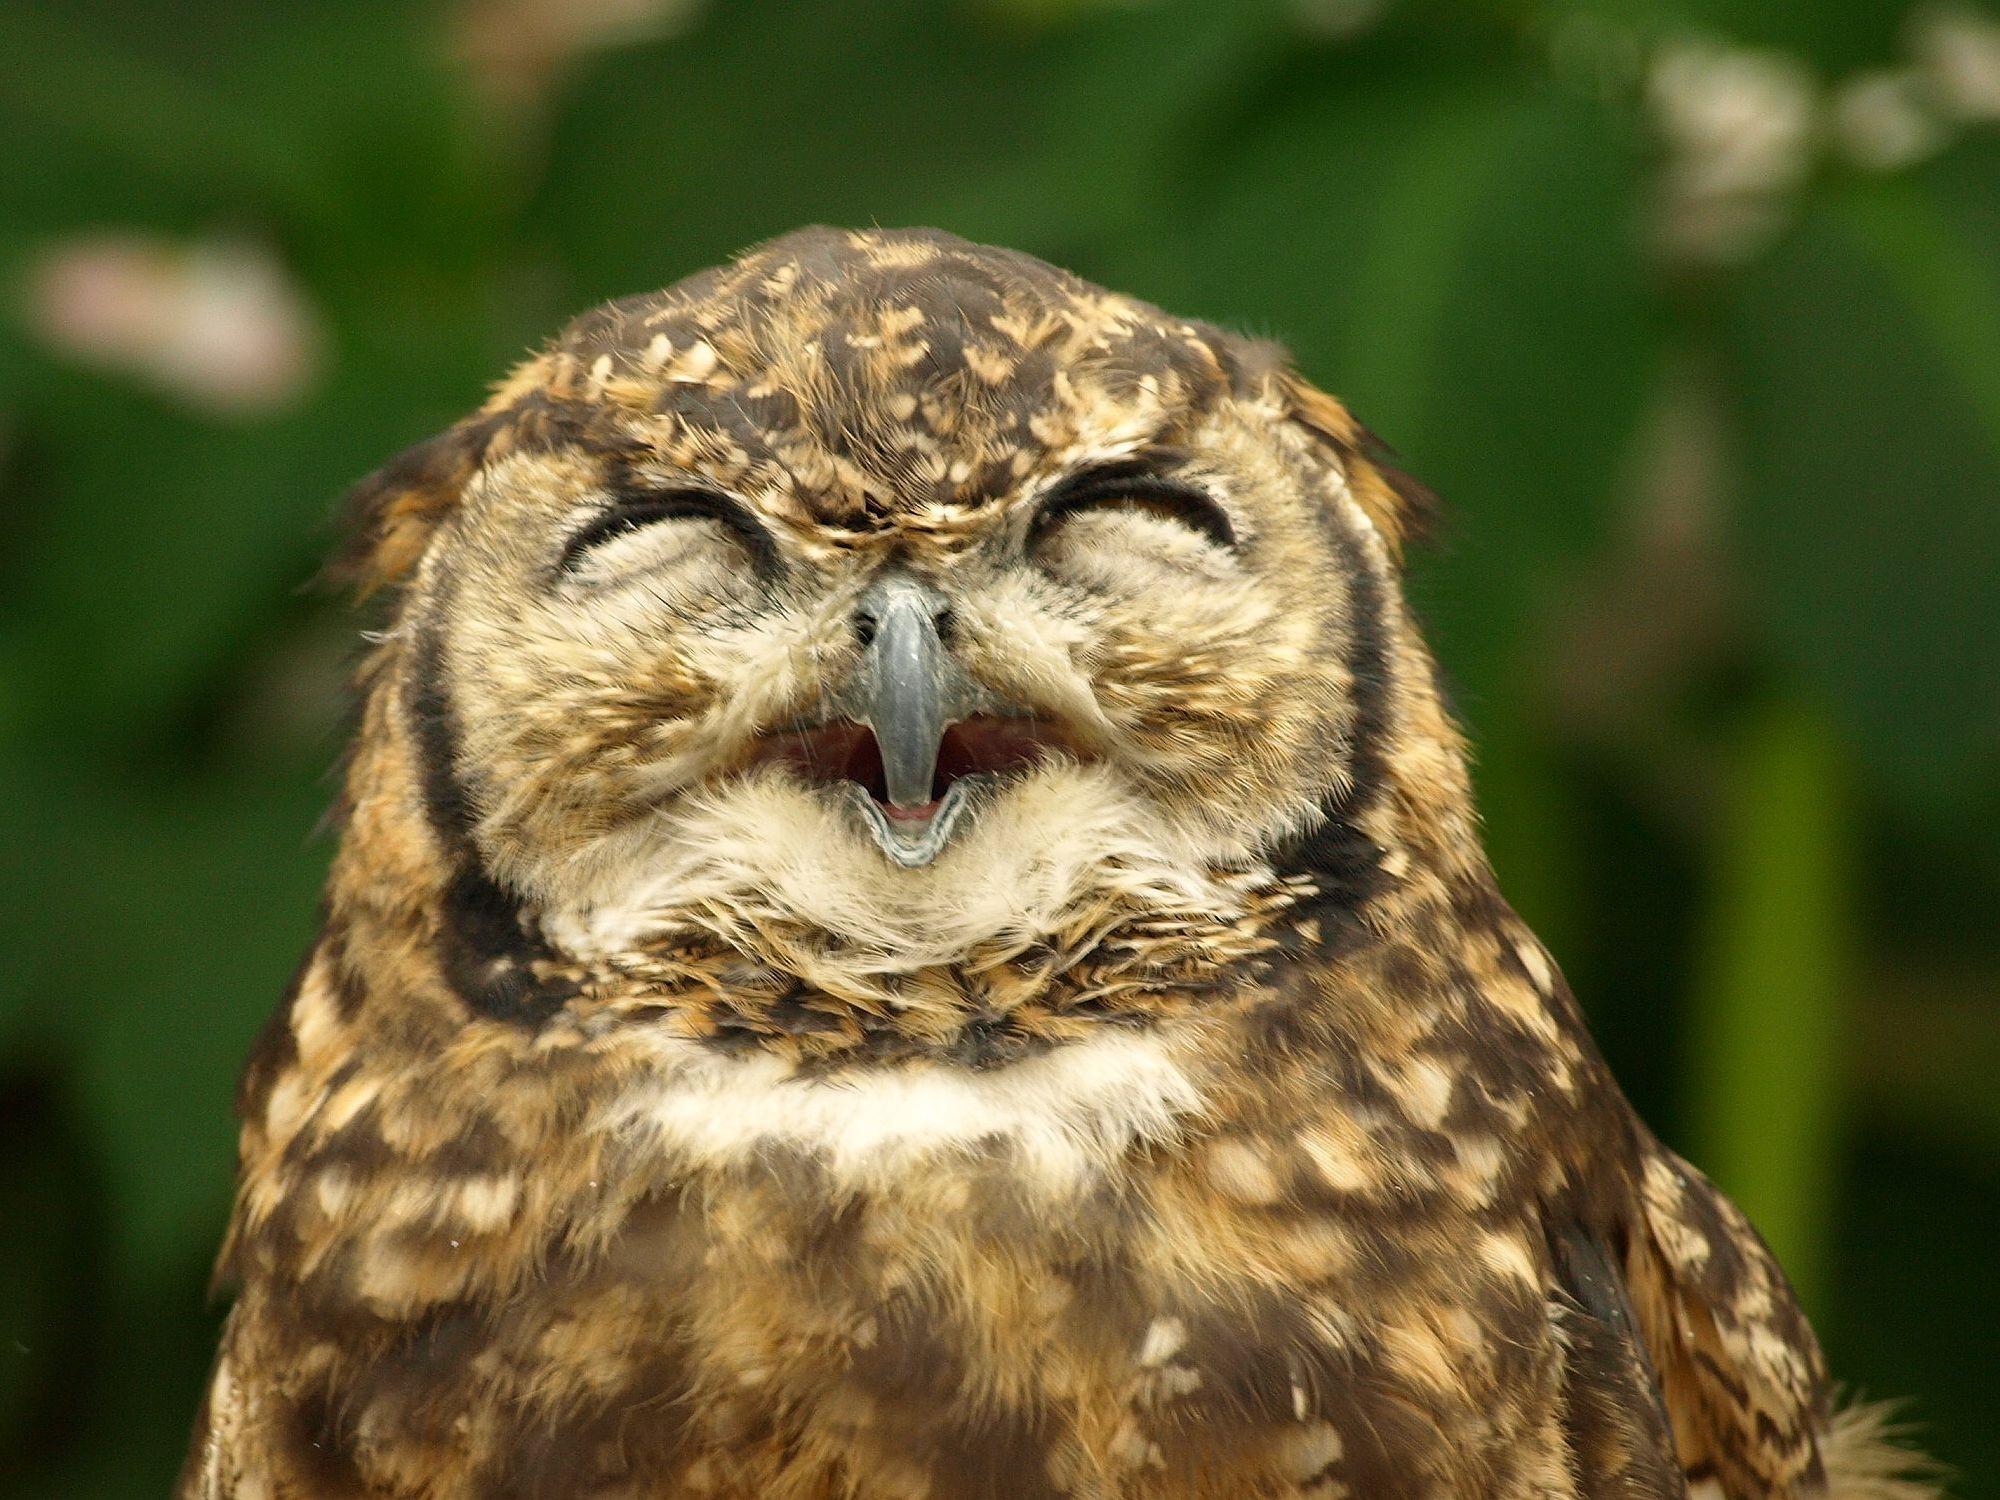 16 điệu cười không thấy mặt trời đâu của các loài động vật - Ảnh 5.